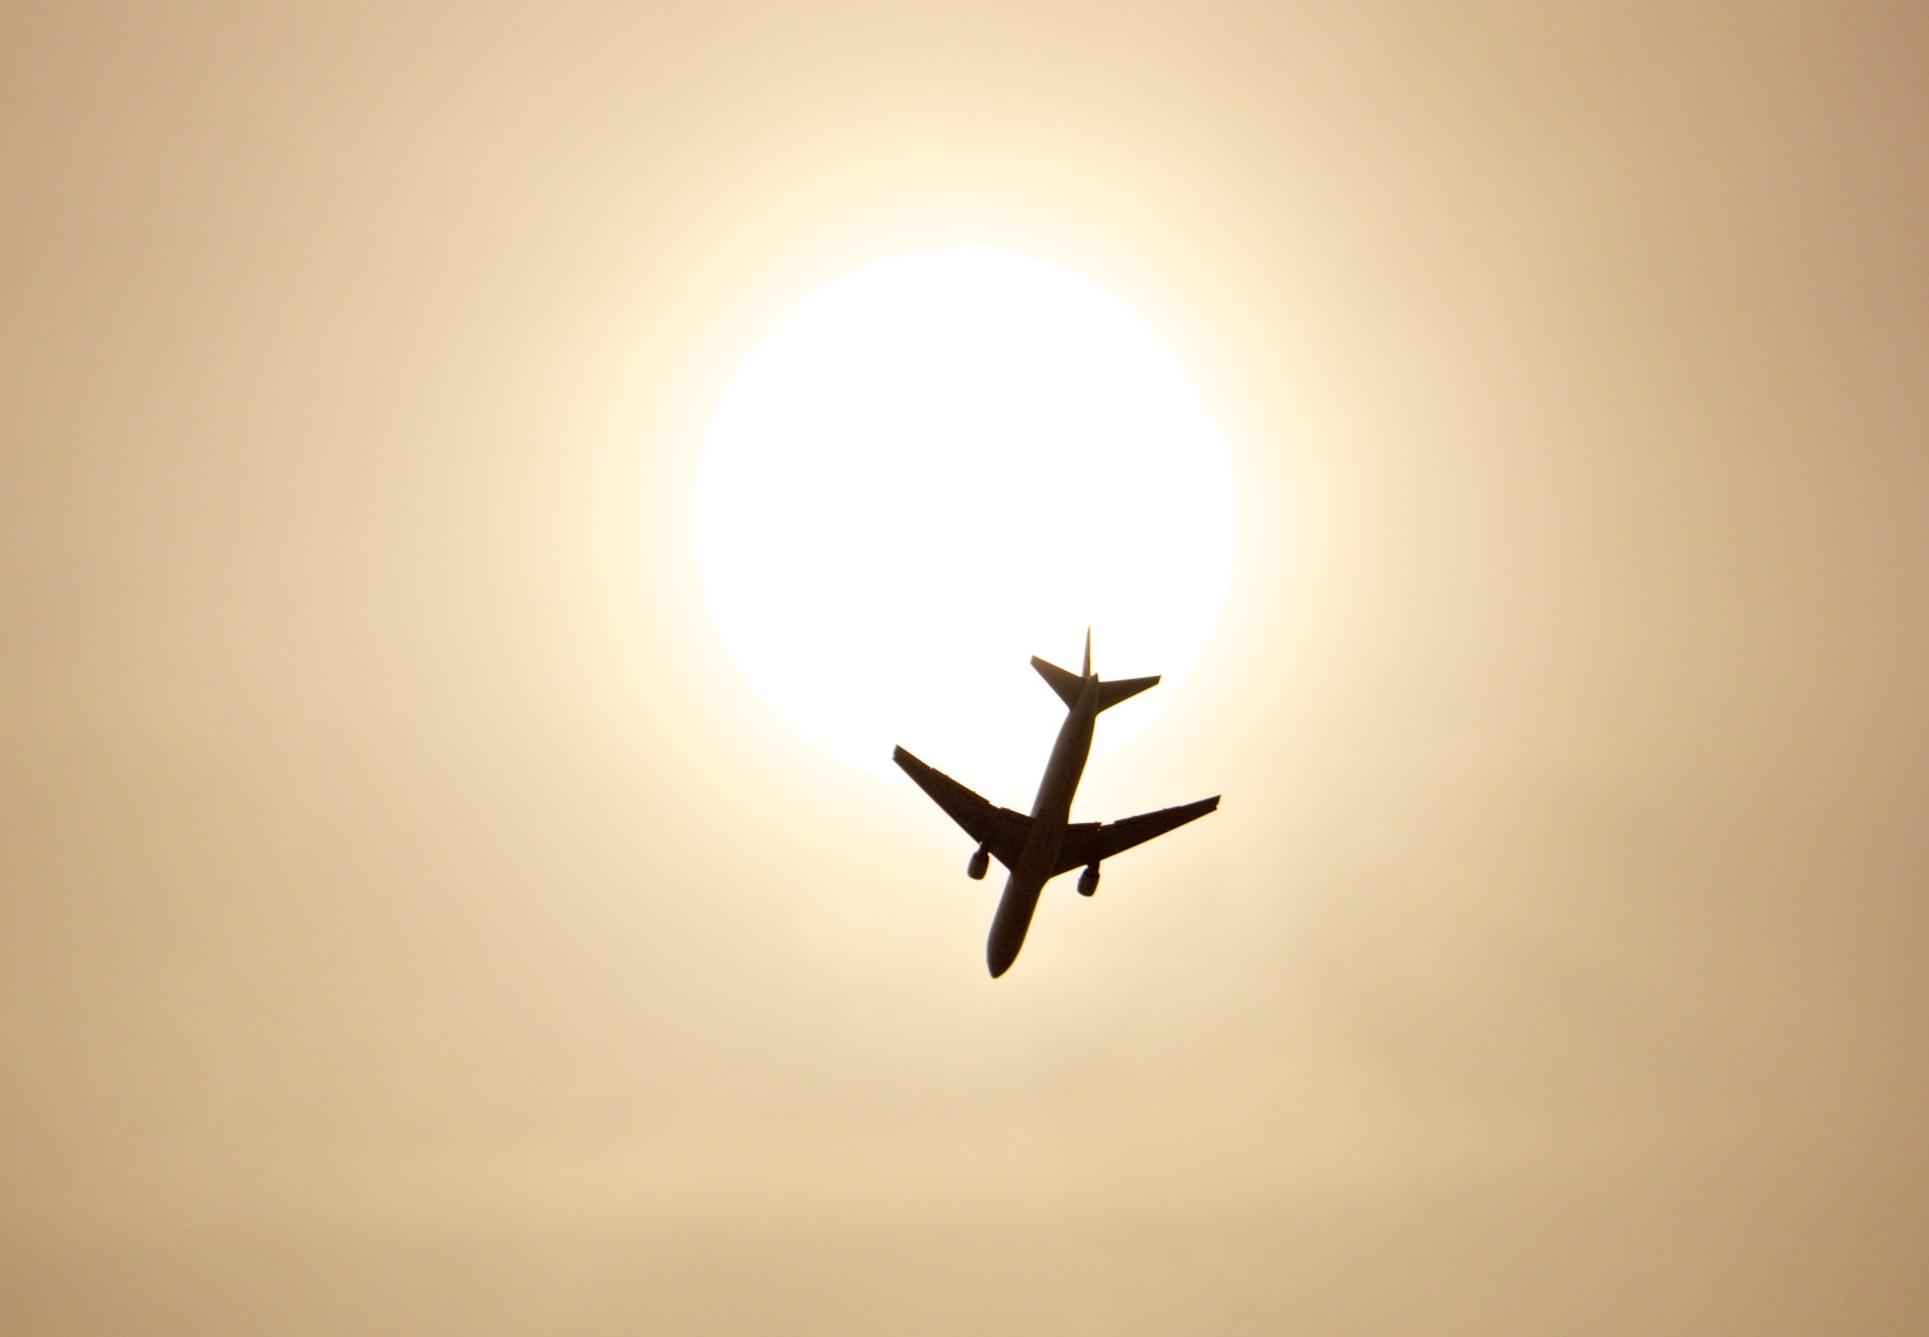 le bal incessant des avions